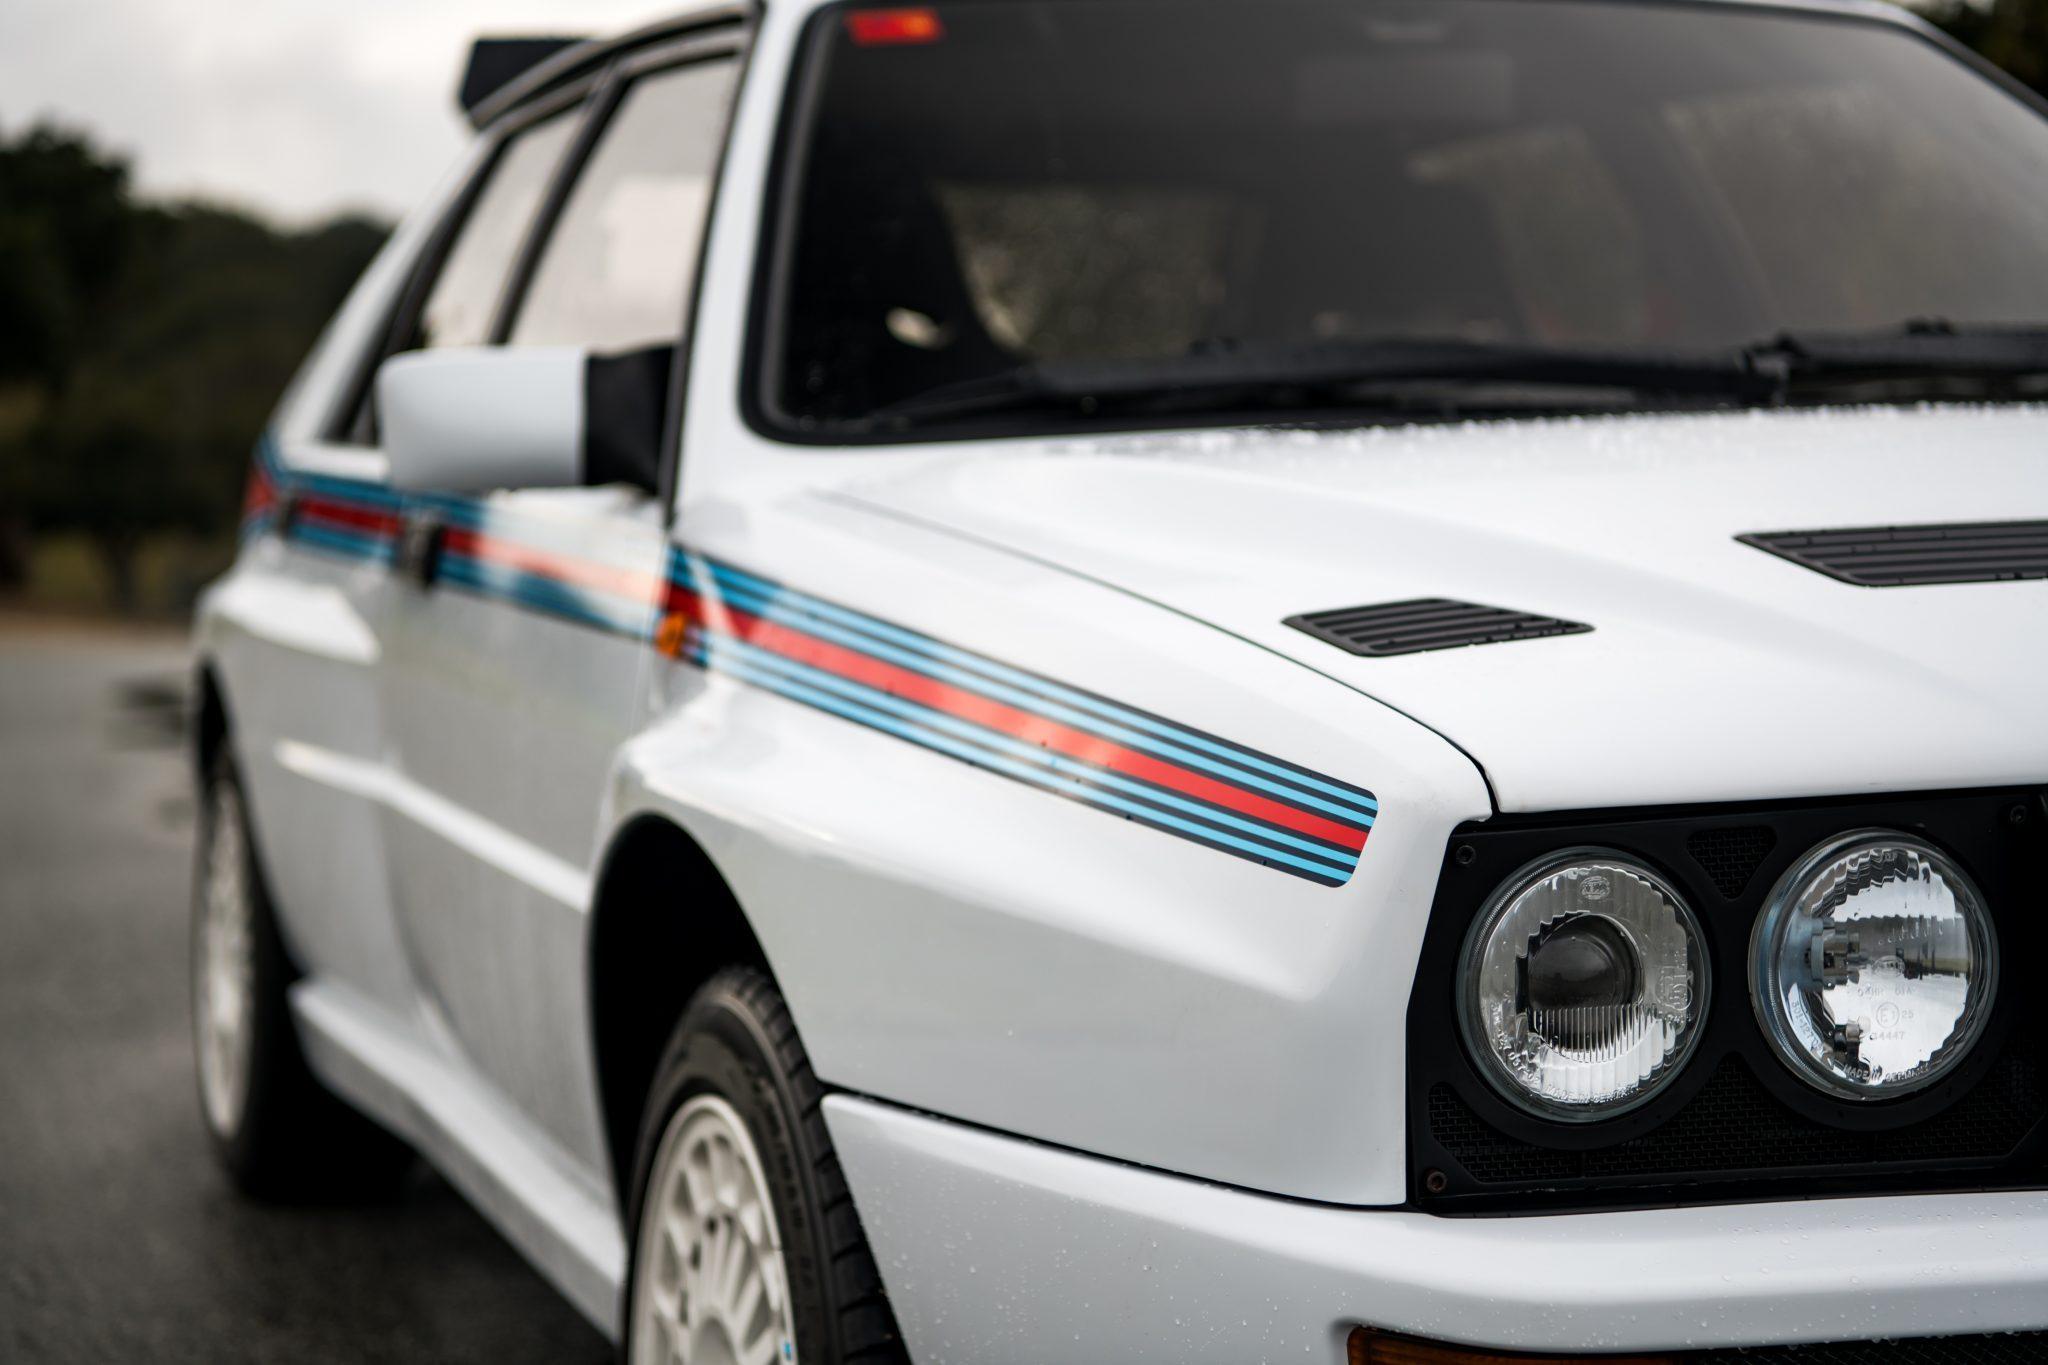 Lancia_Delta_Integrale_Martini_5_Evoluzione_sale_0014